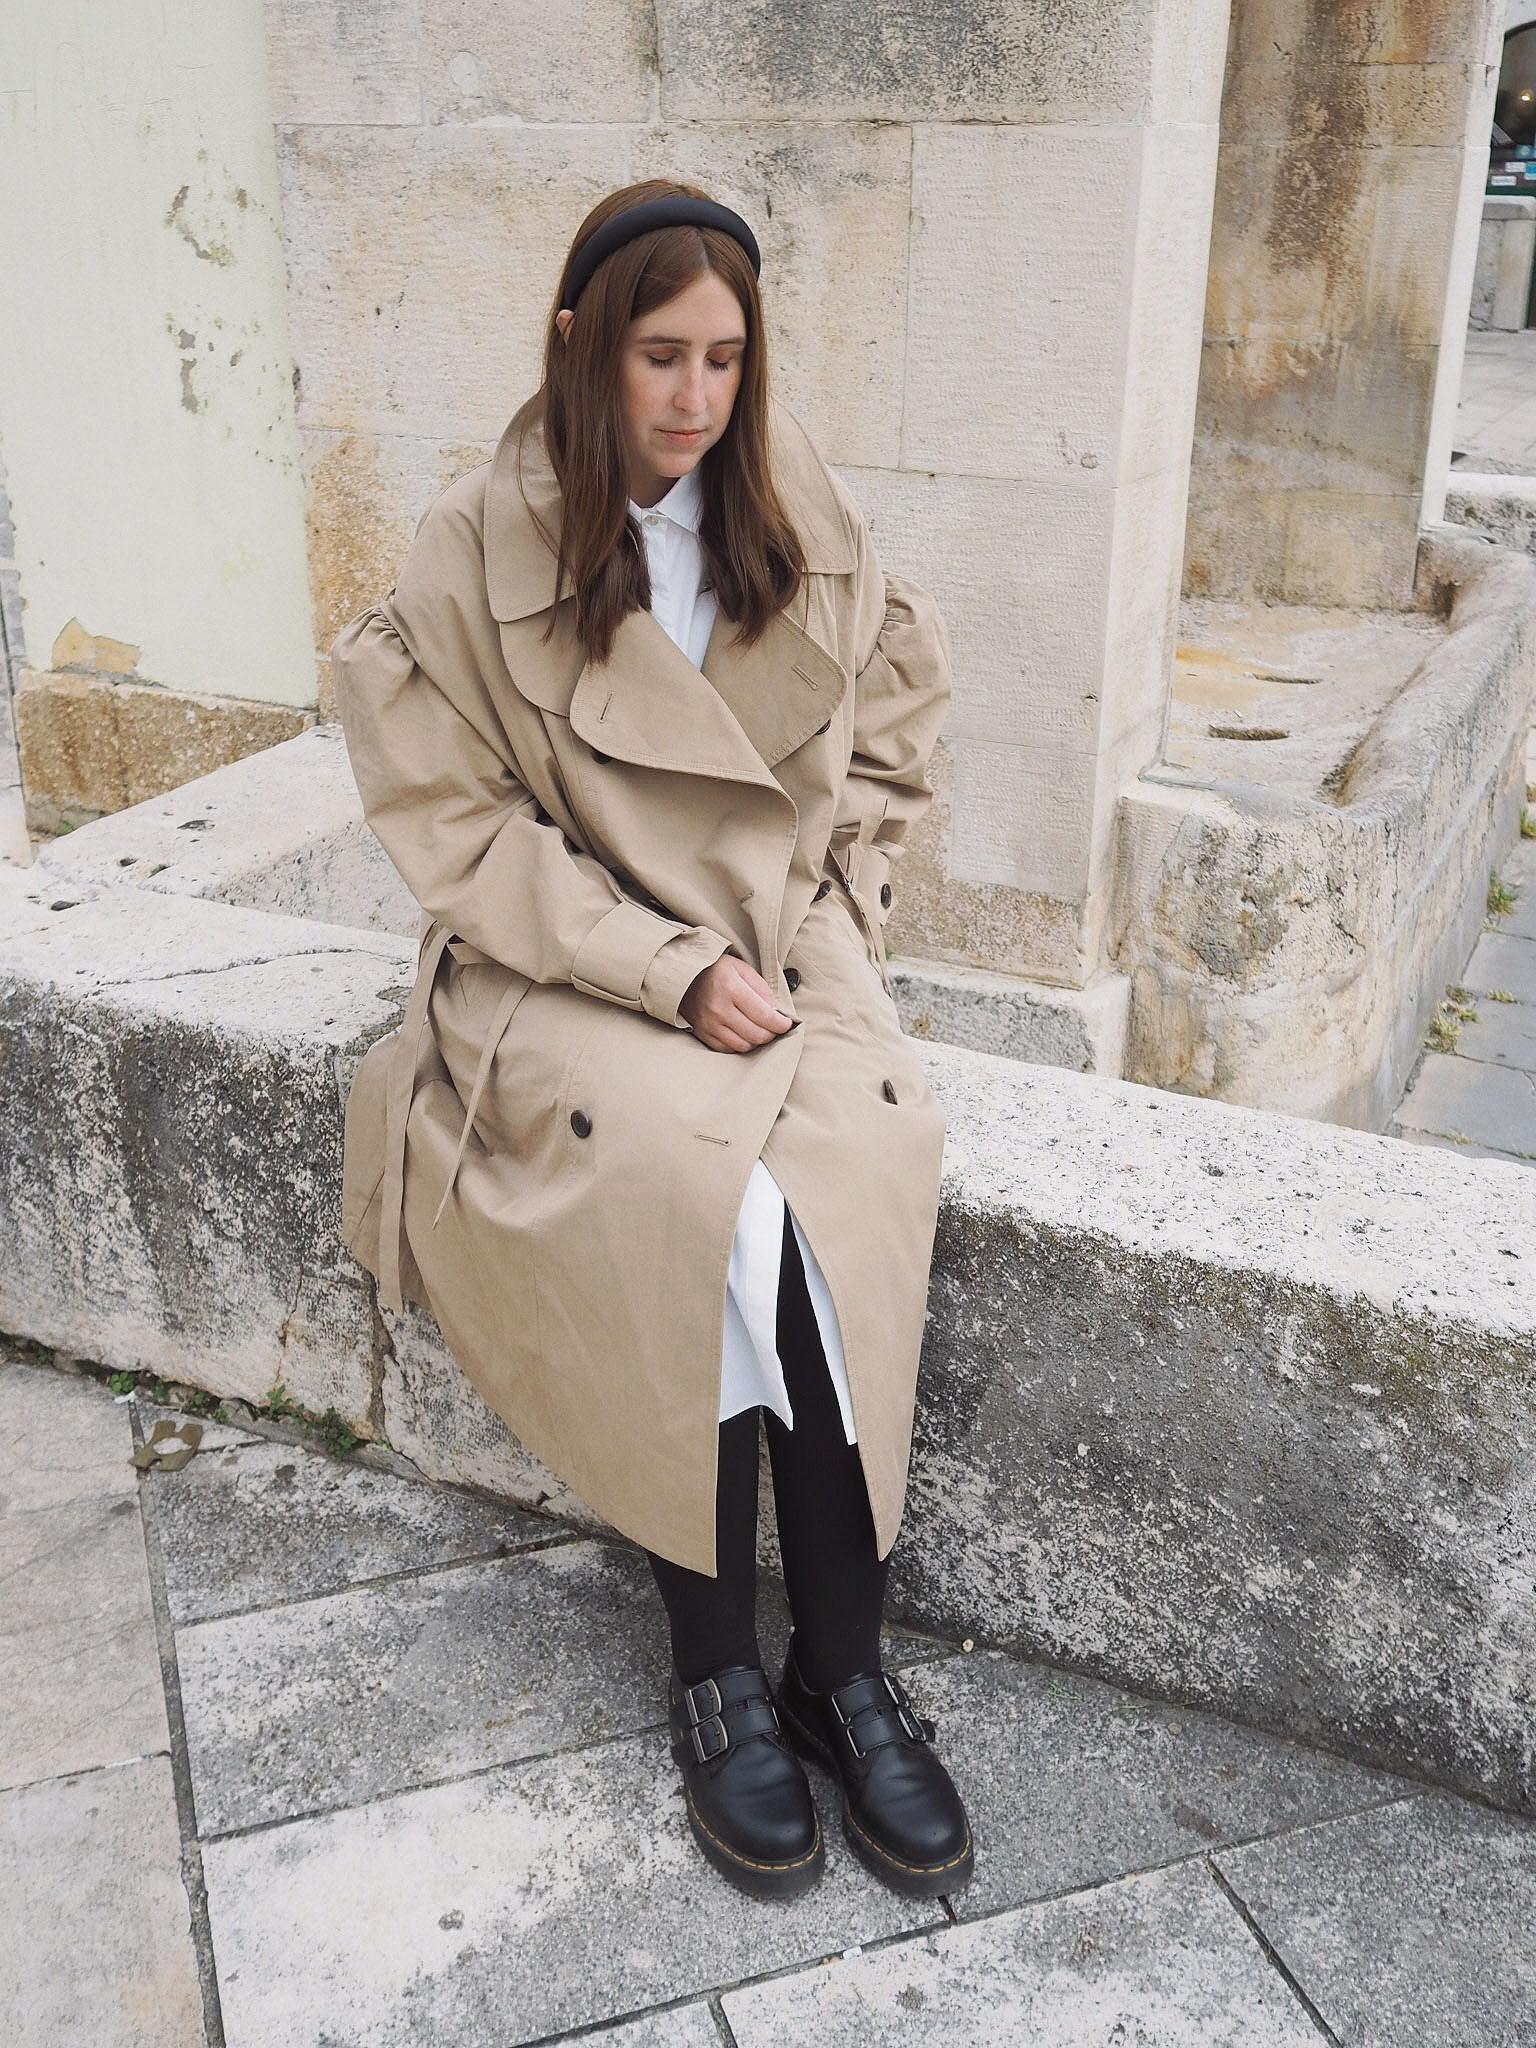 Unsere Woche in Outfits // Zwischen Freudentränen, Glücksgriffen & Hexen-Fieber | Jane Wayne News